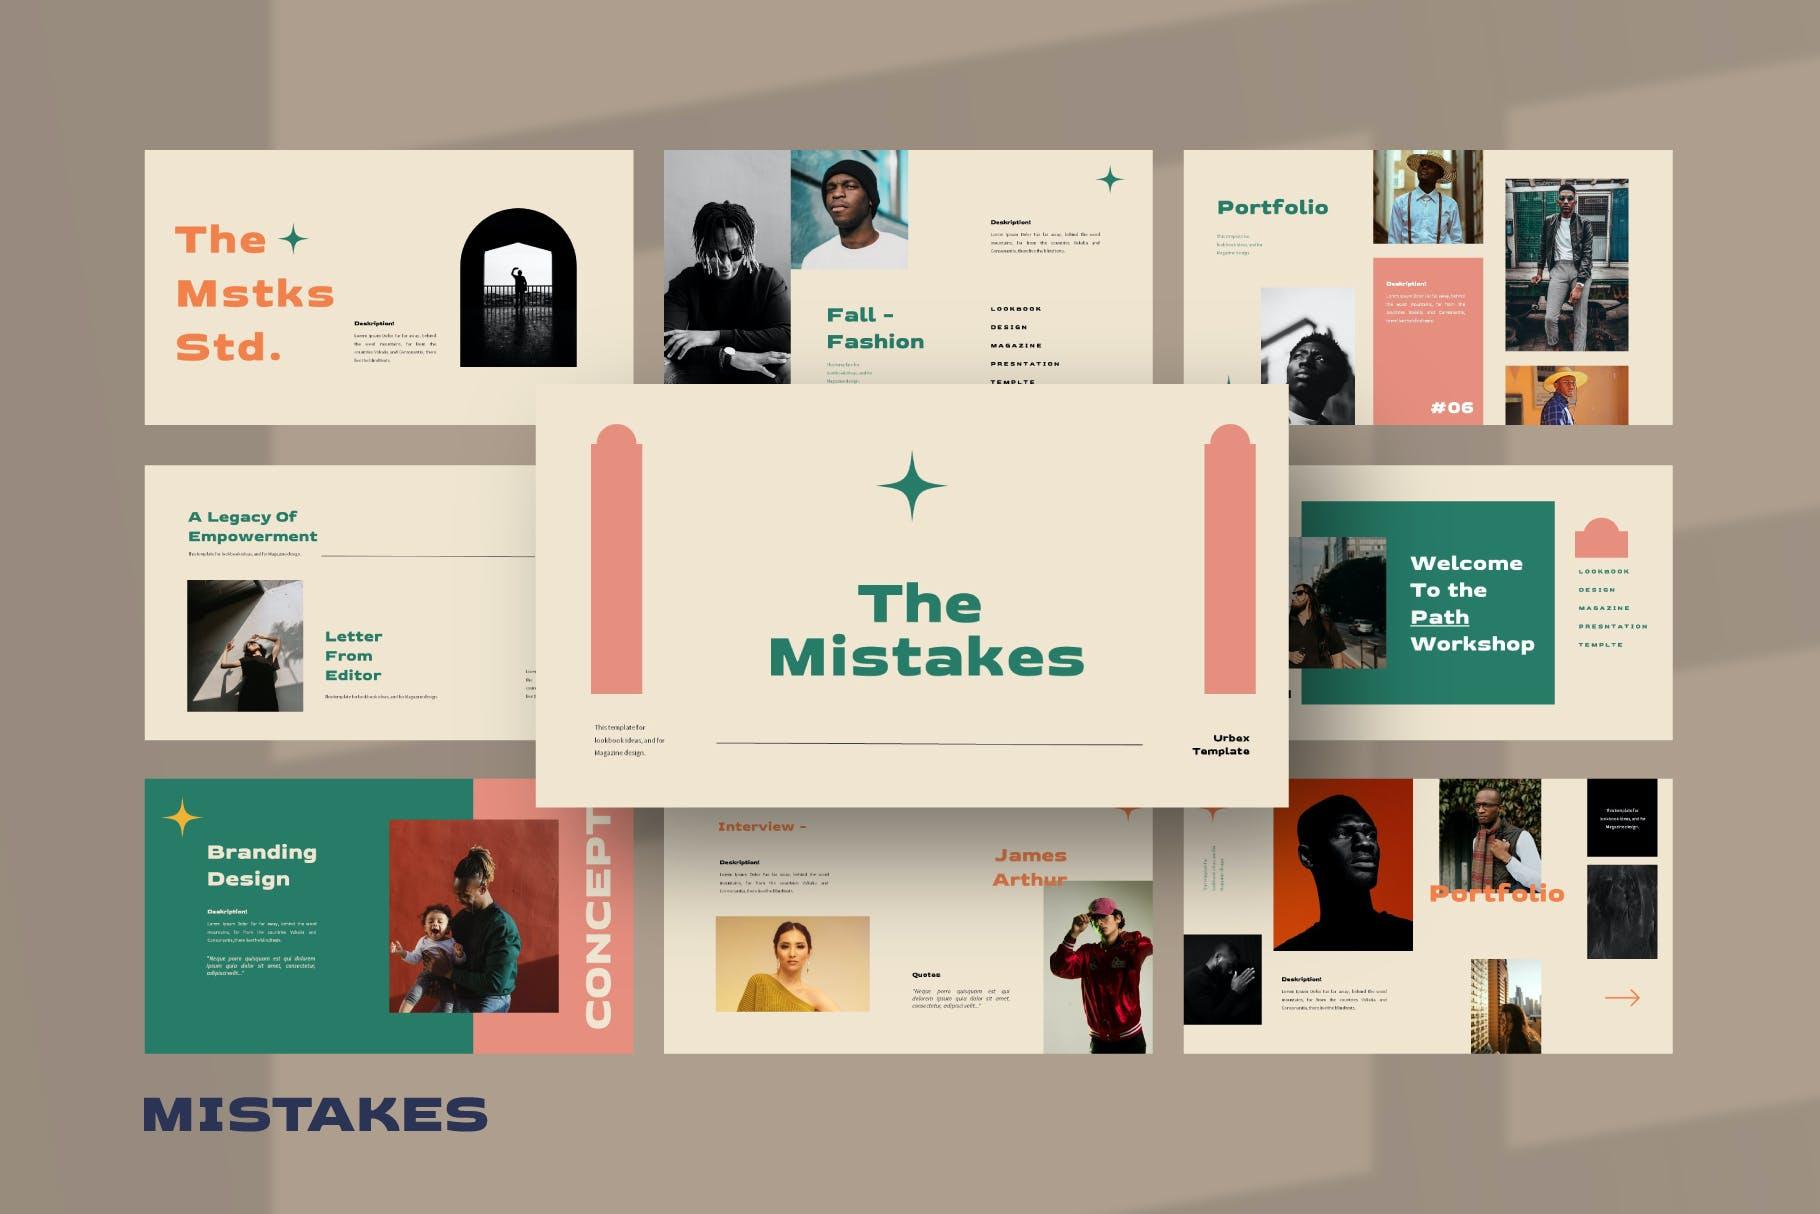 优雅品牌策划提案简报演示文稿设计PPT模版 Mistakes Powerpoint Template插图4